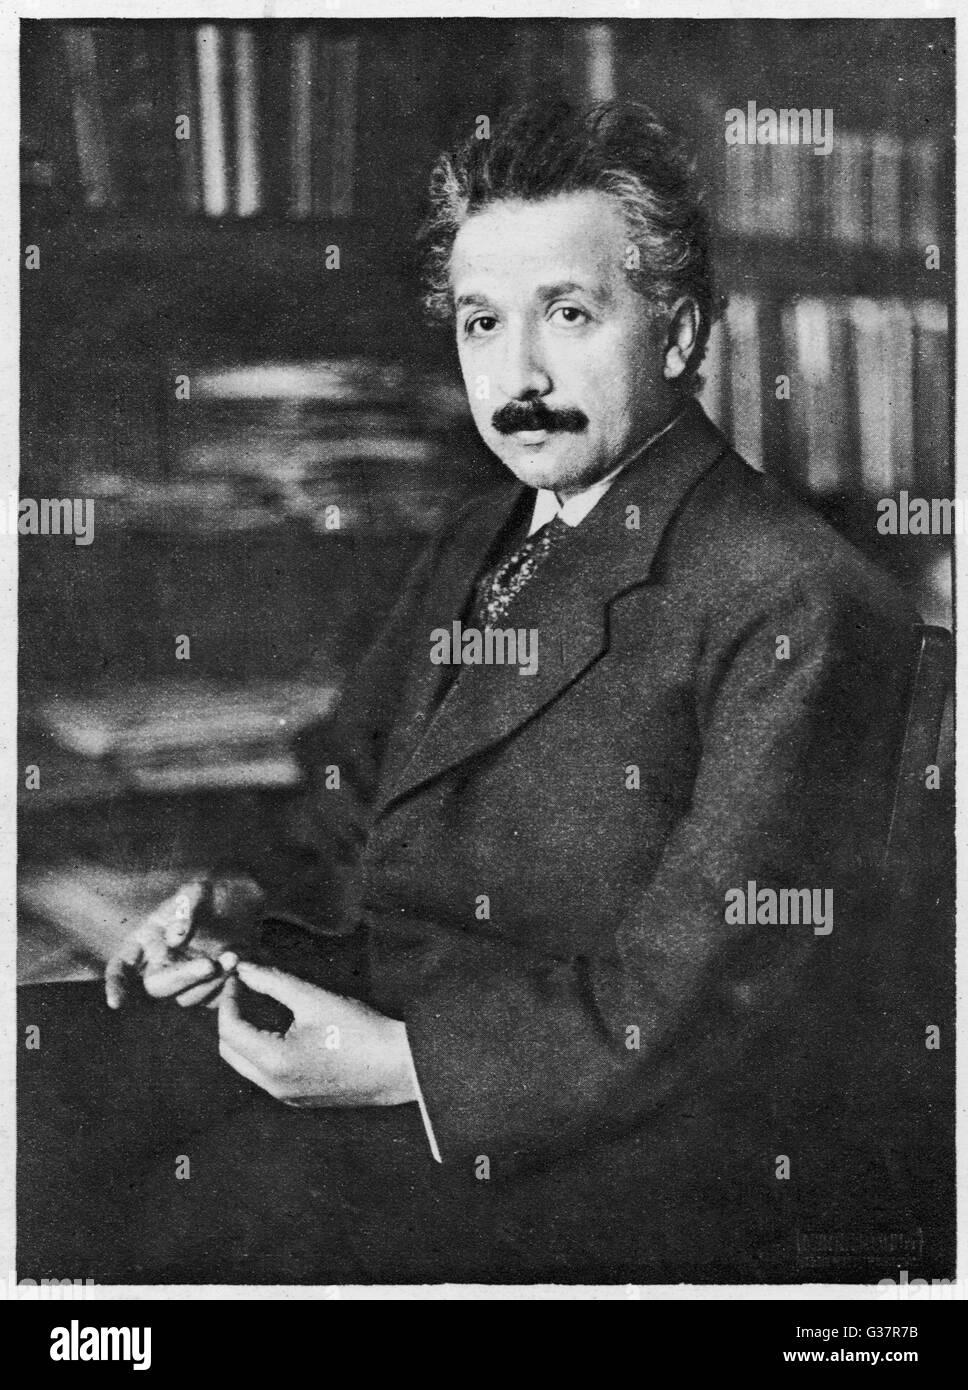 ALBERT EINSTEIN  German Scientist.        Date: 1879 - 1955 Stock Photo